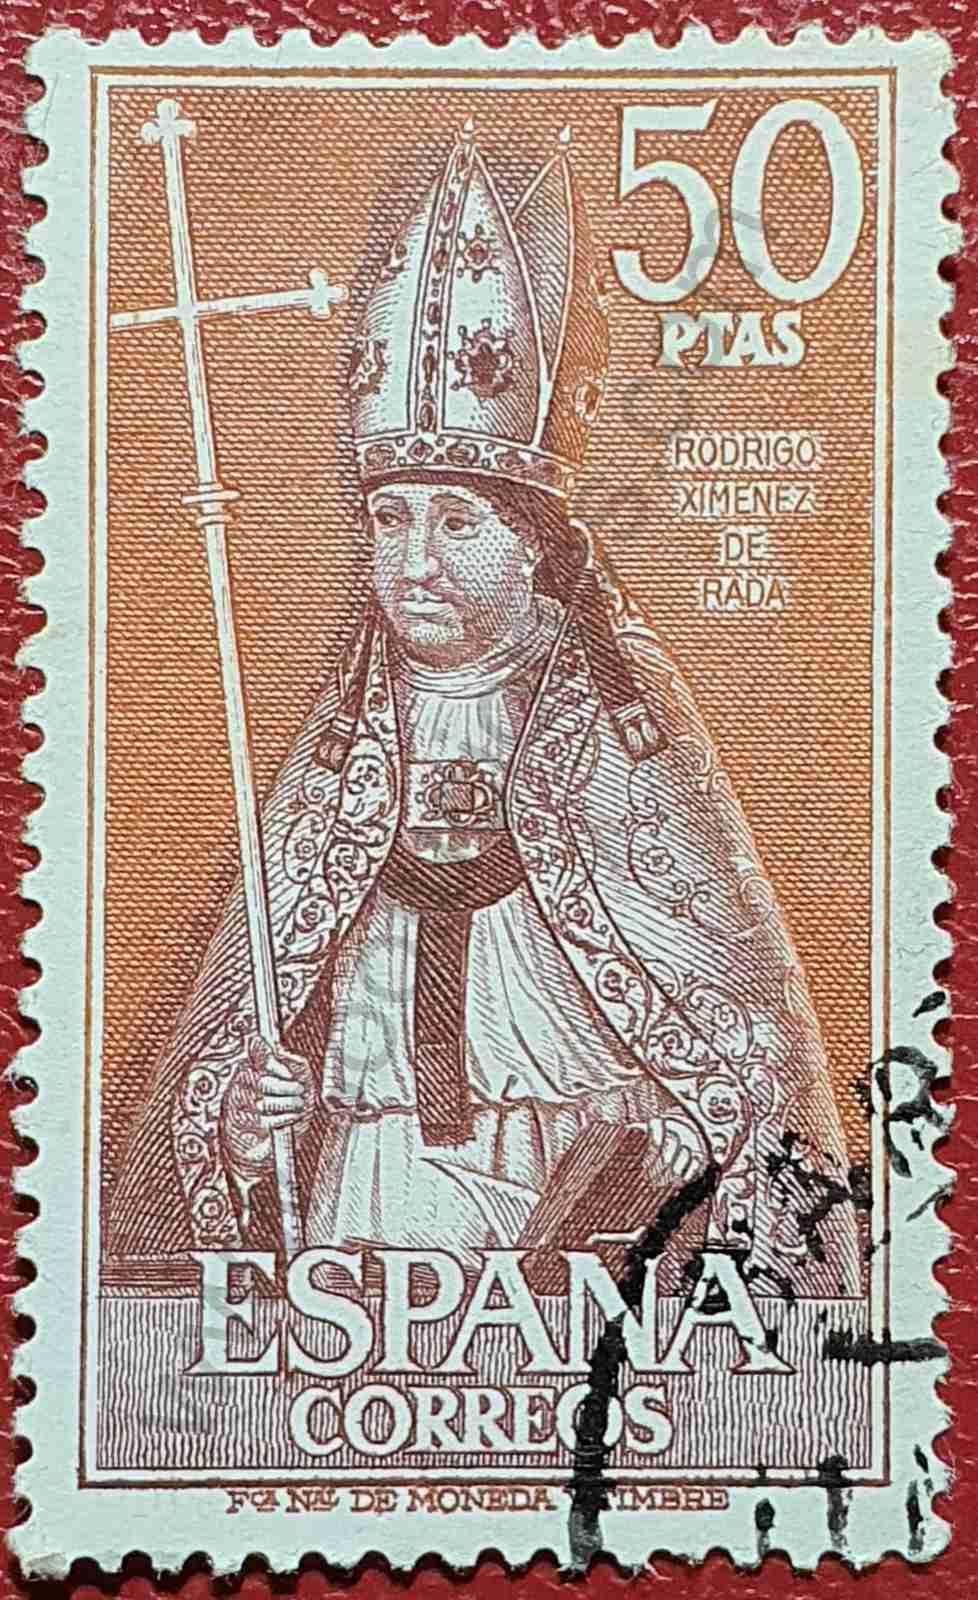 Rodrigo Ximénez de Rada - Sello España 1970